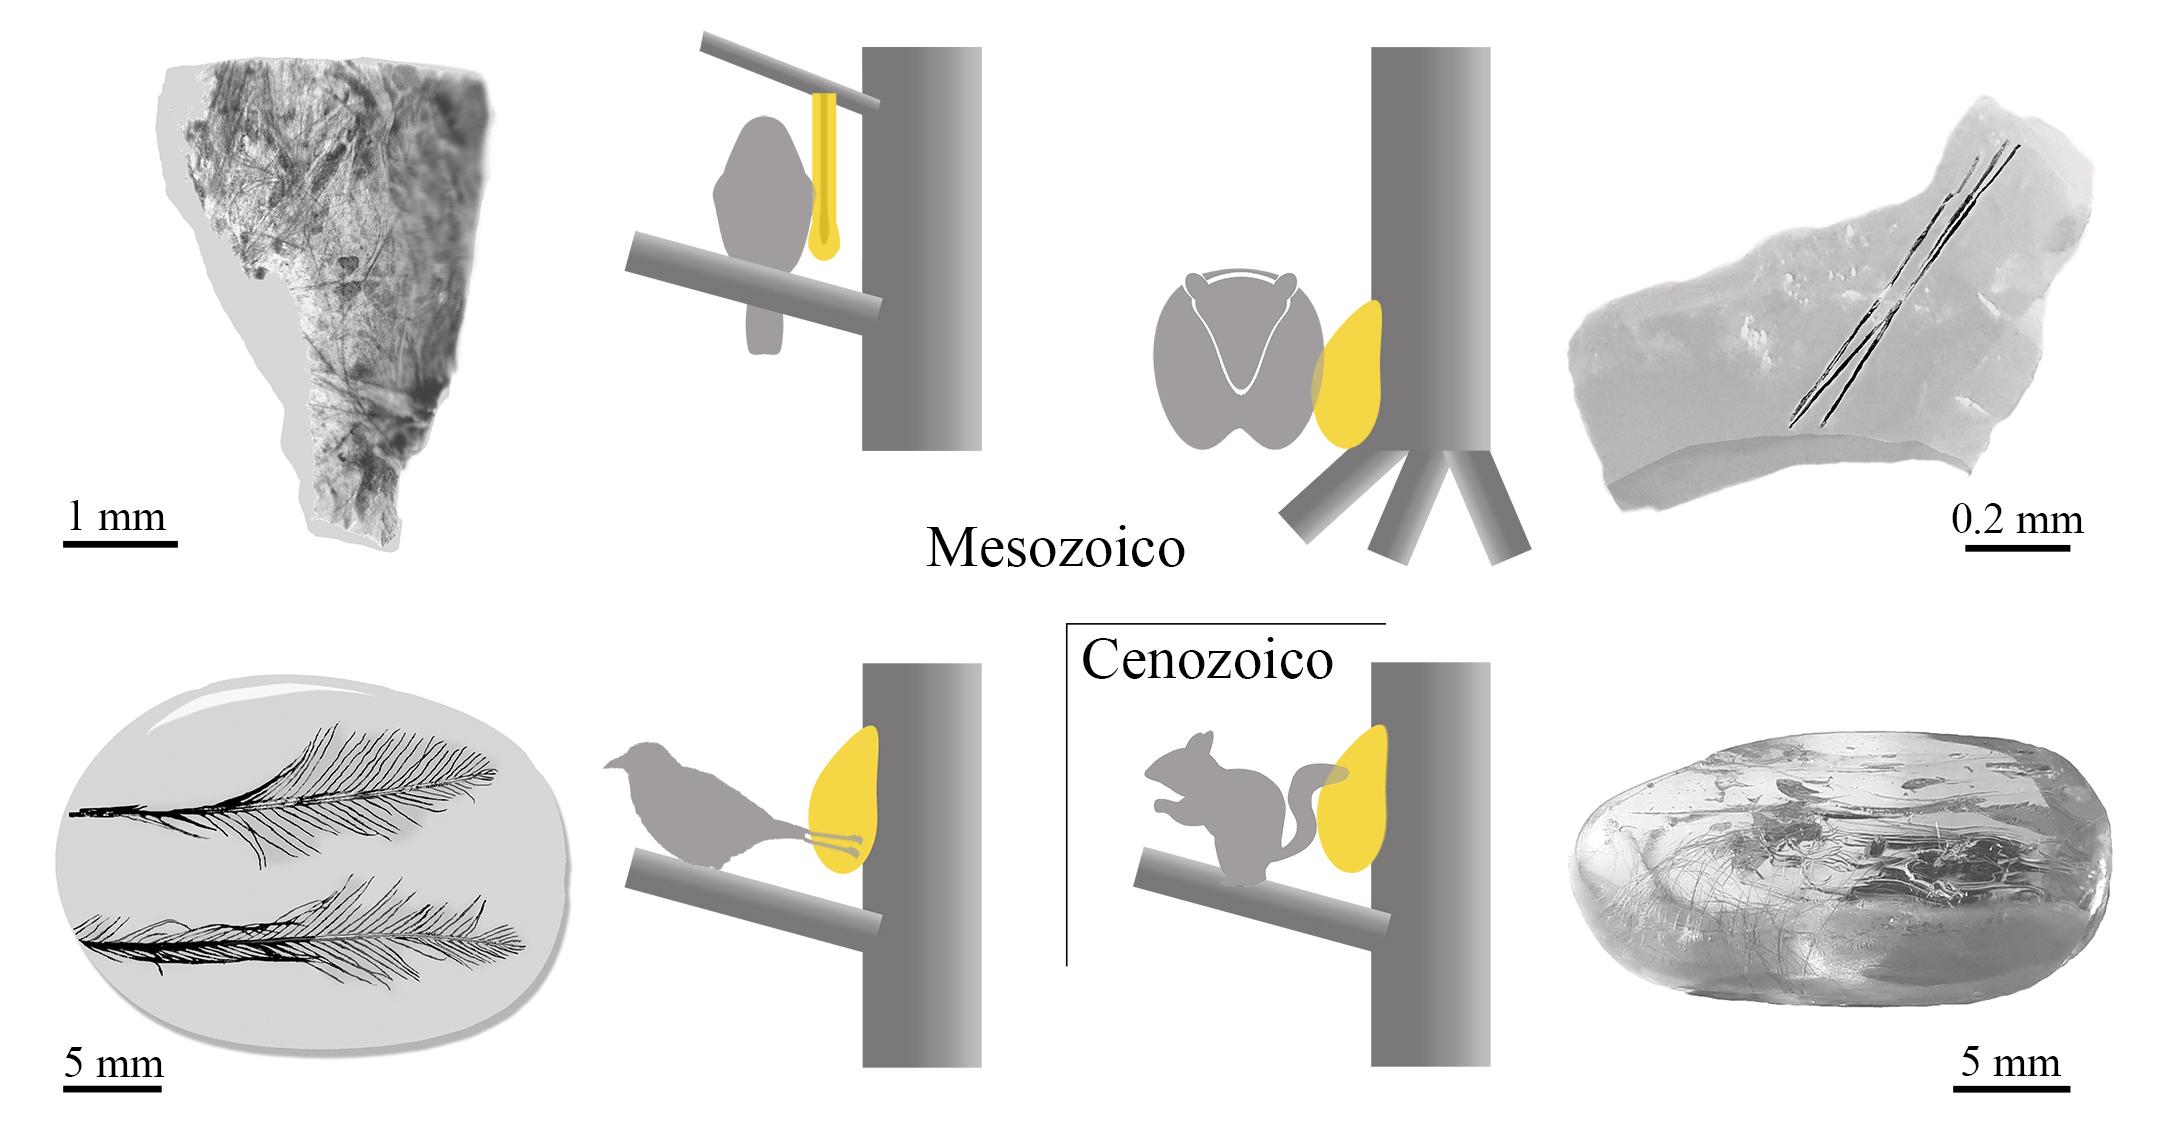 Esquema de cuatro ejemplos del proceso 'pull off vestiture' en piezas de ámbar de San Just, Ariño, Myanmar y Báltico, de izquierda a derecha y de arriba a abajo / scientific reports